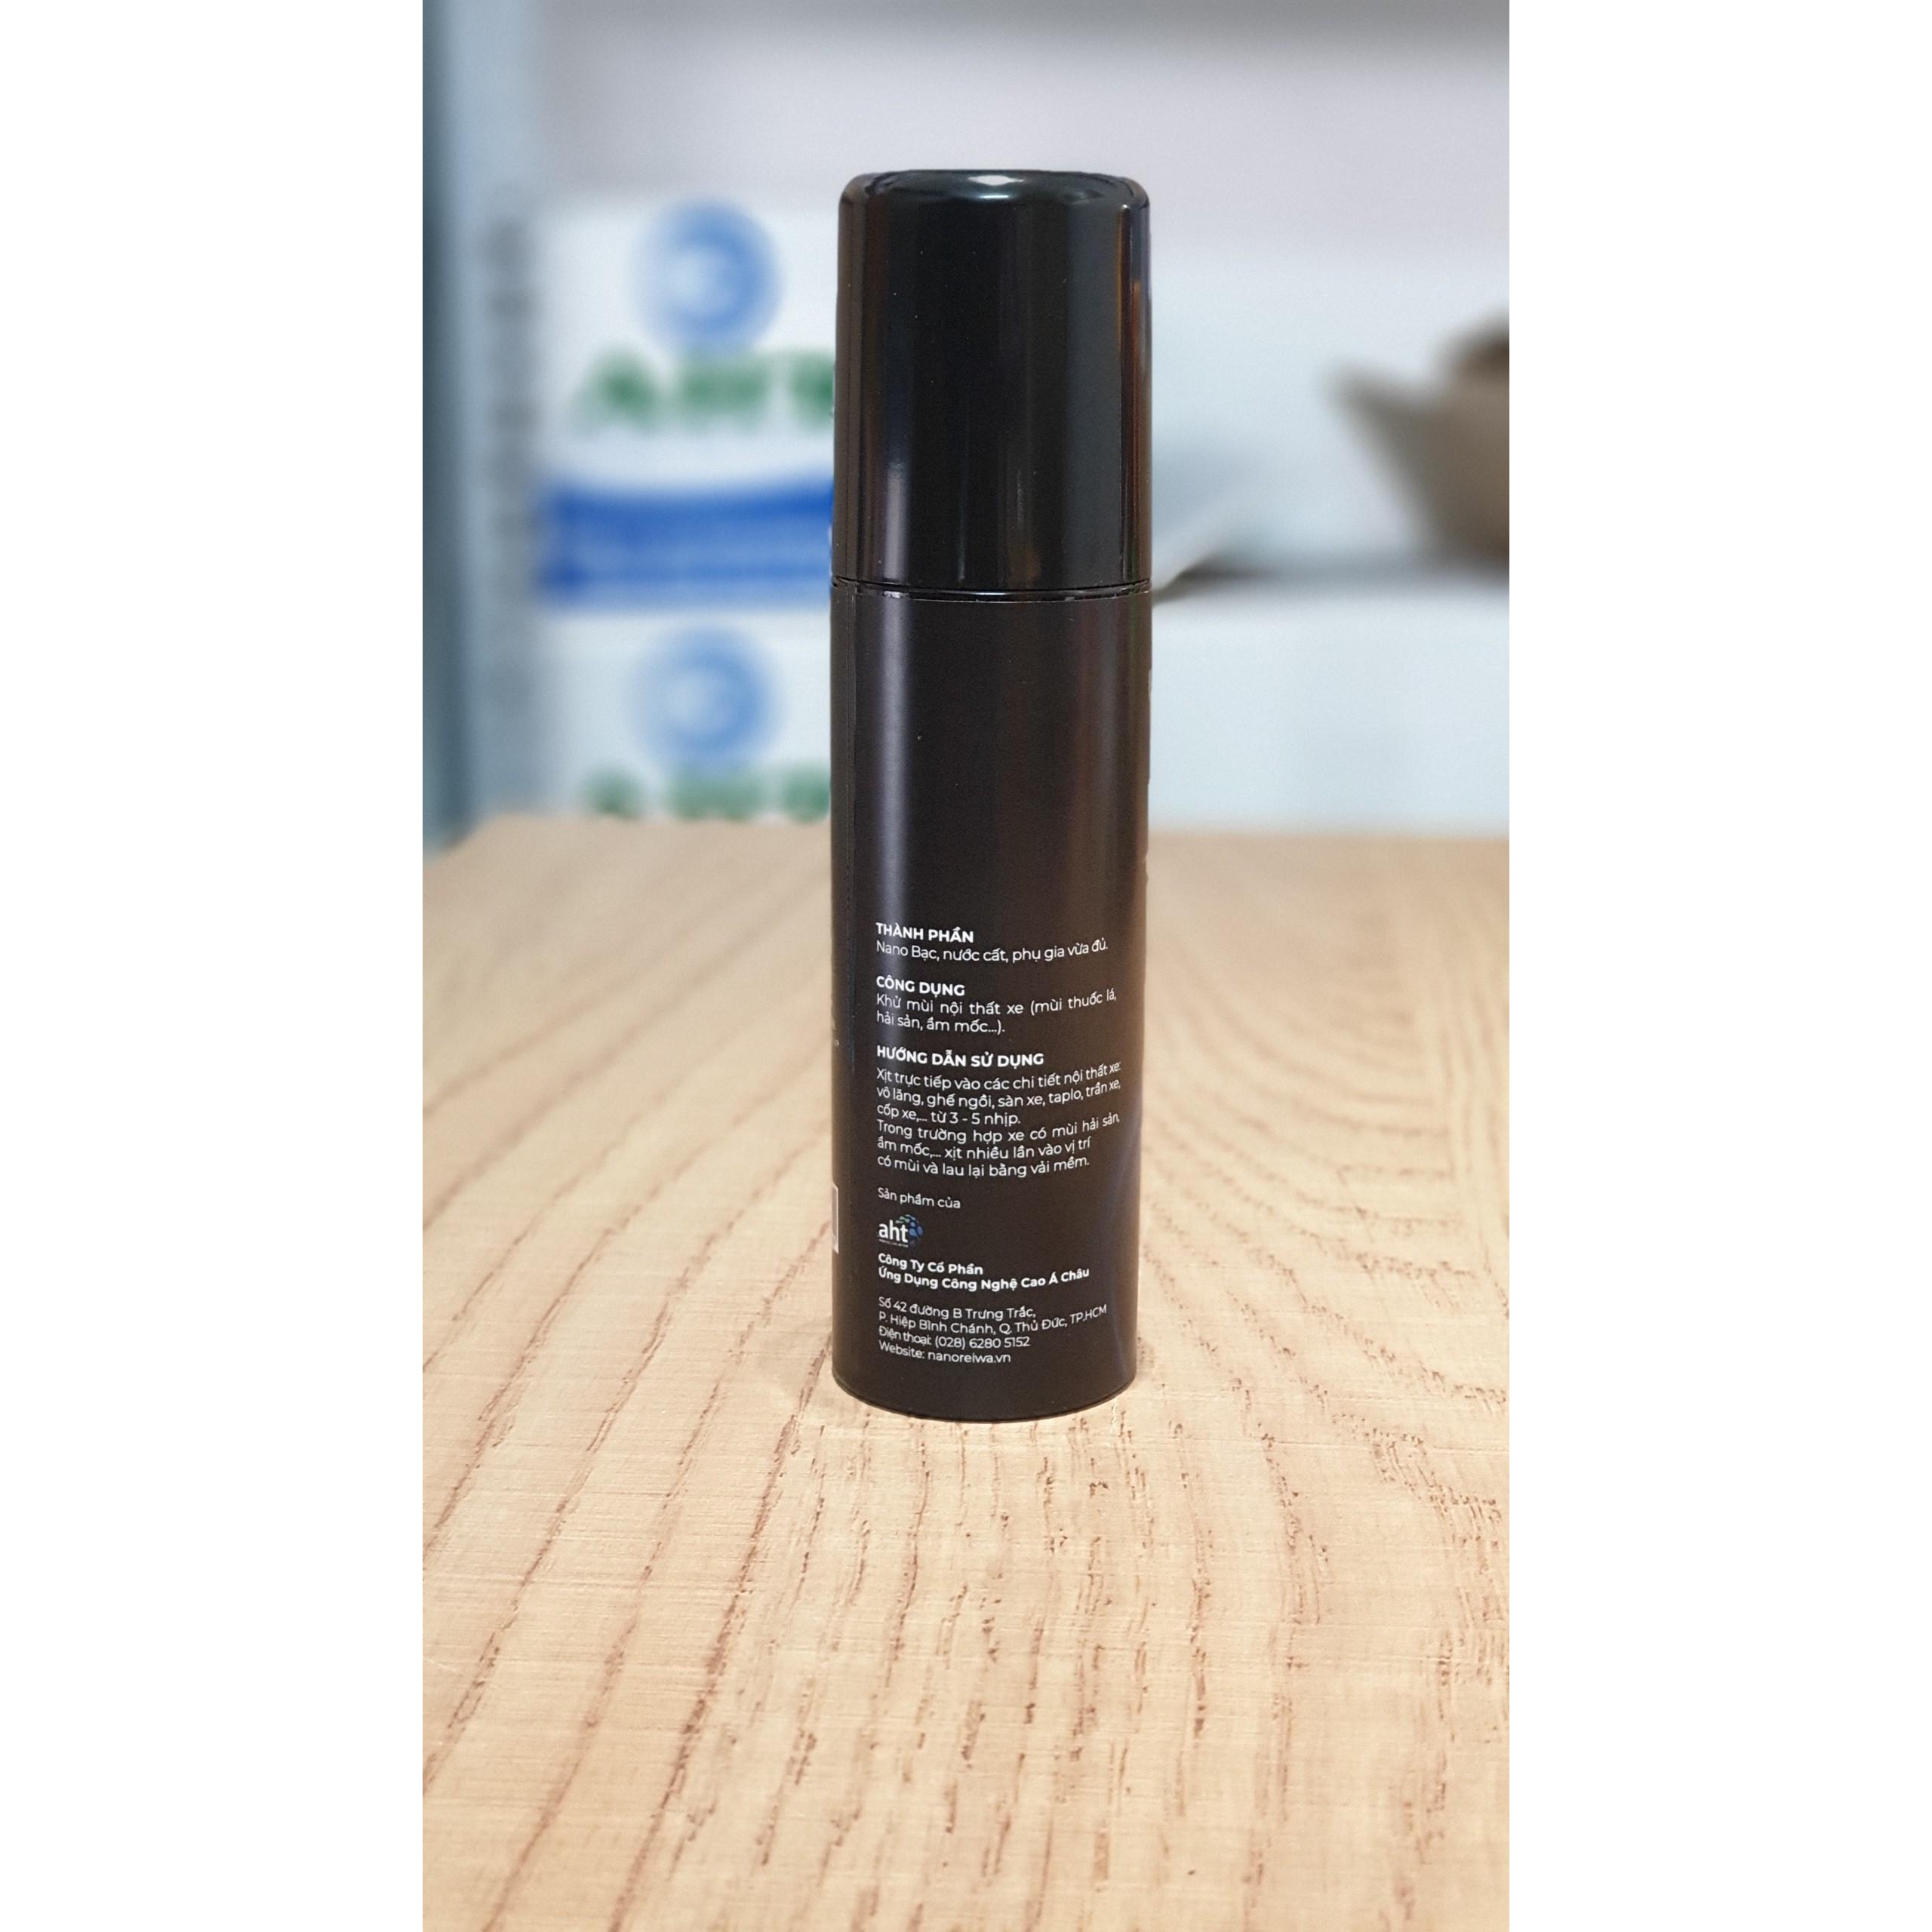 Chai xịt diệt khuẩn khử mùi ô tô xe khách bằng nano bạc Nano Reiwa 100ml hương quế dịu nhẹ, được chứng nhận viện Pasteur an toàn cho trẻ em - Hàng chính hãng